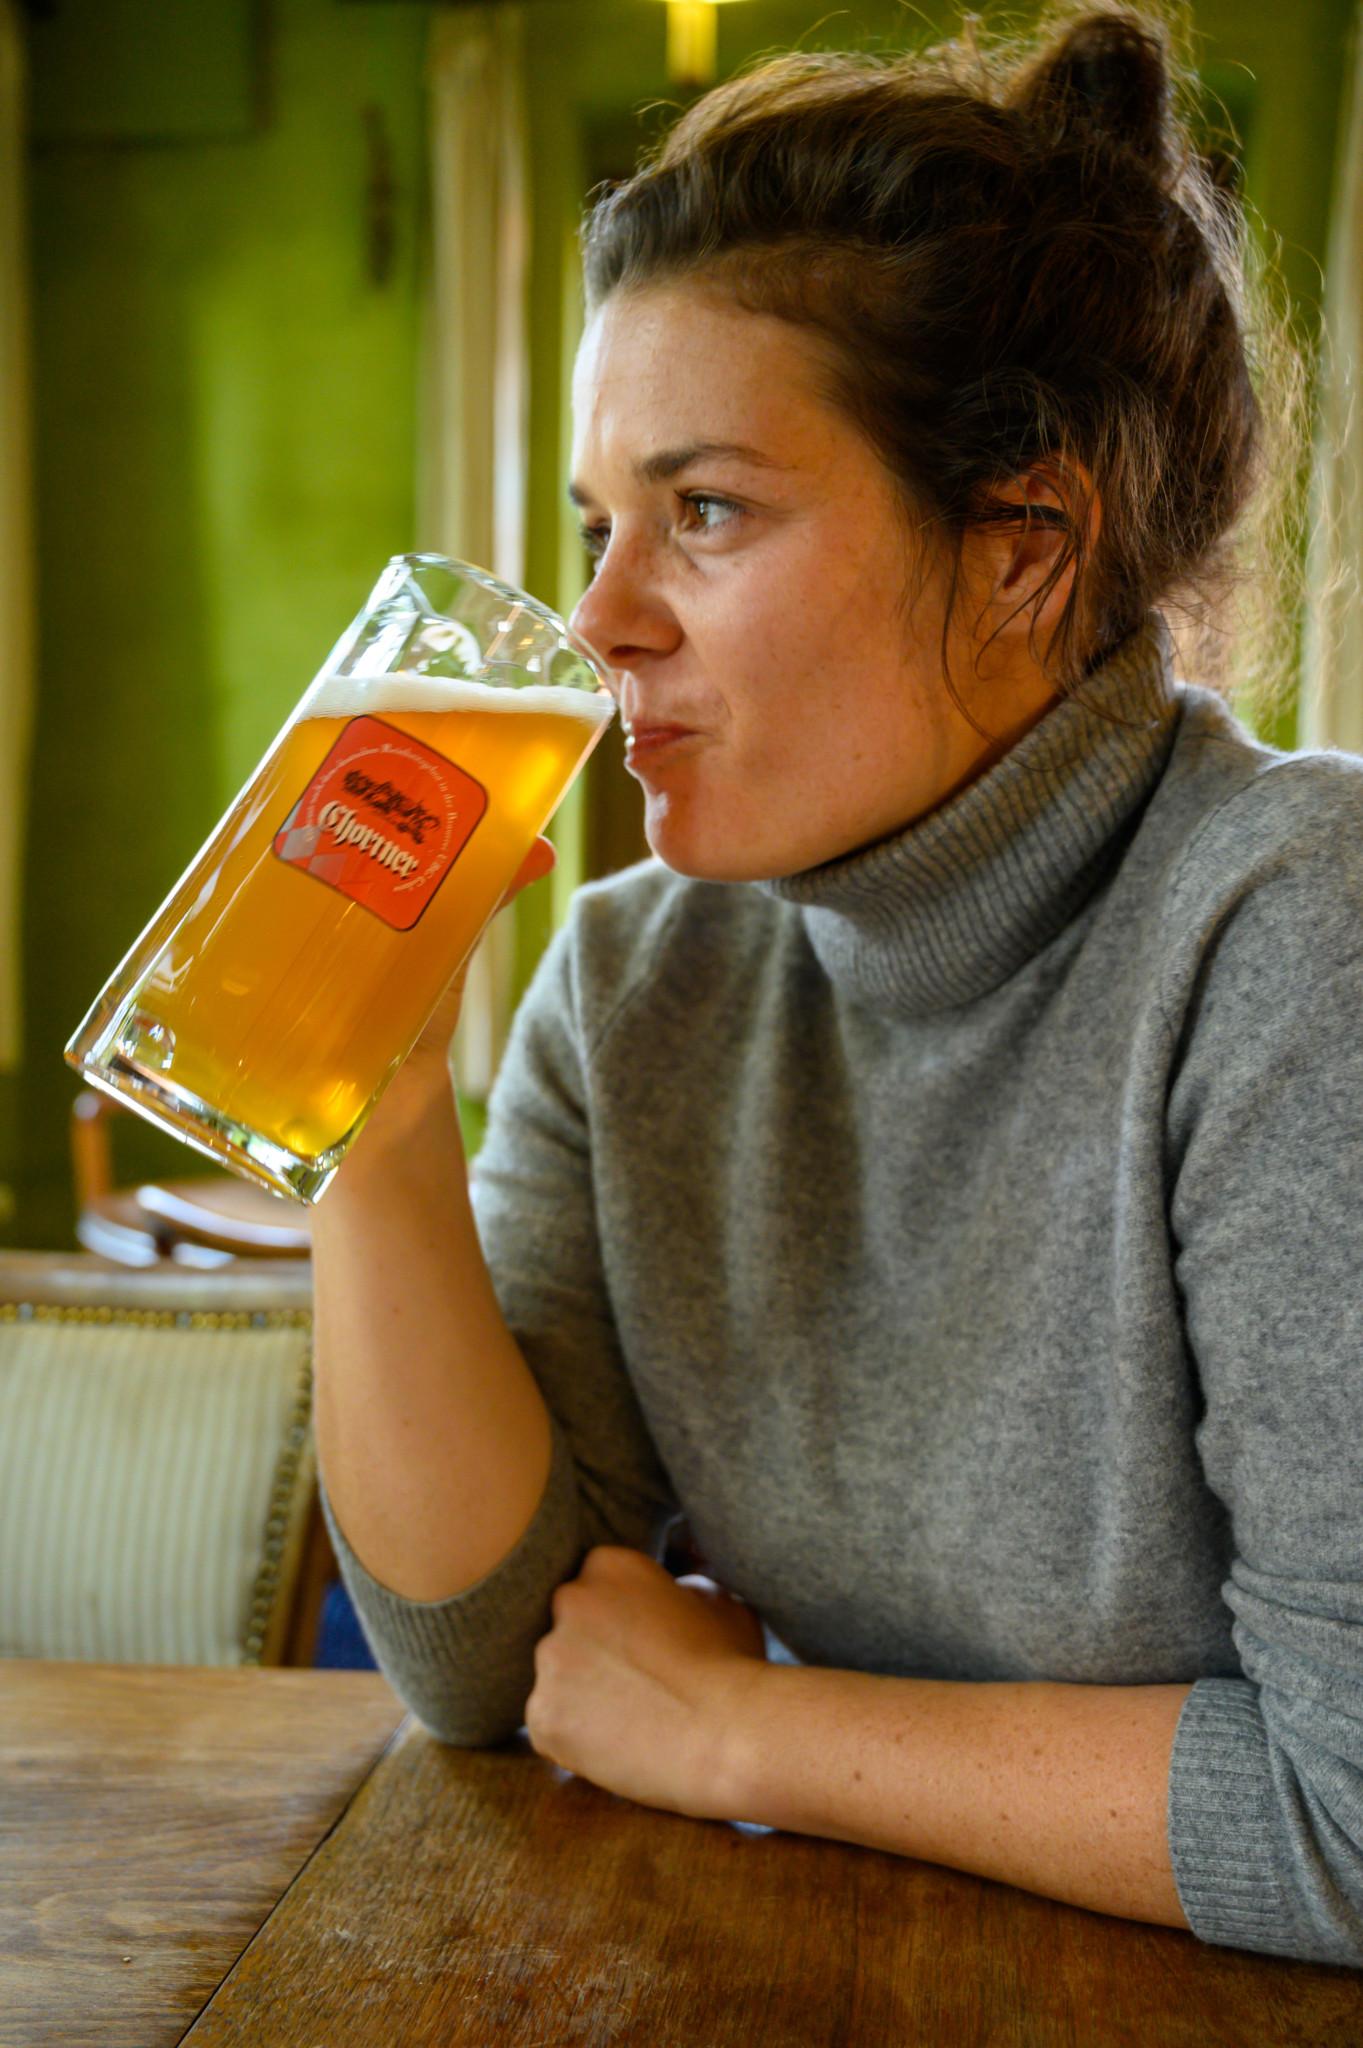 """Bier im """"Zum grünen Baum"""" in Ringenwalde"""